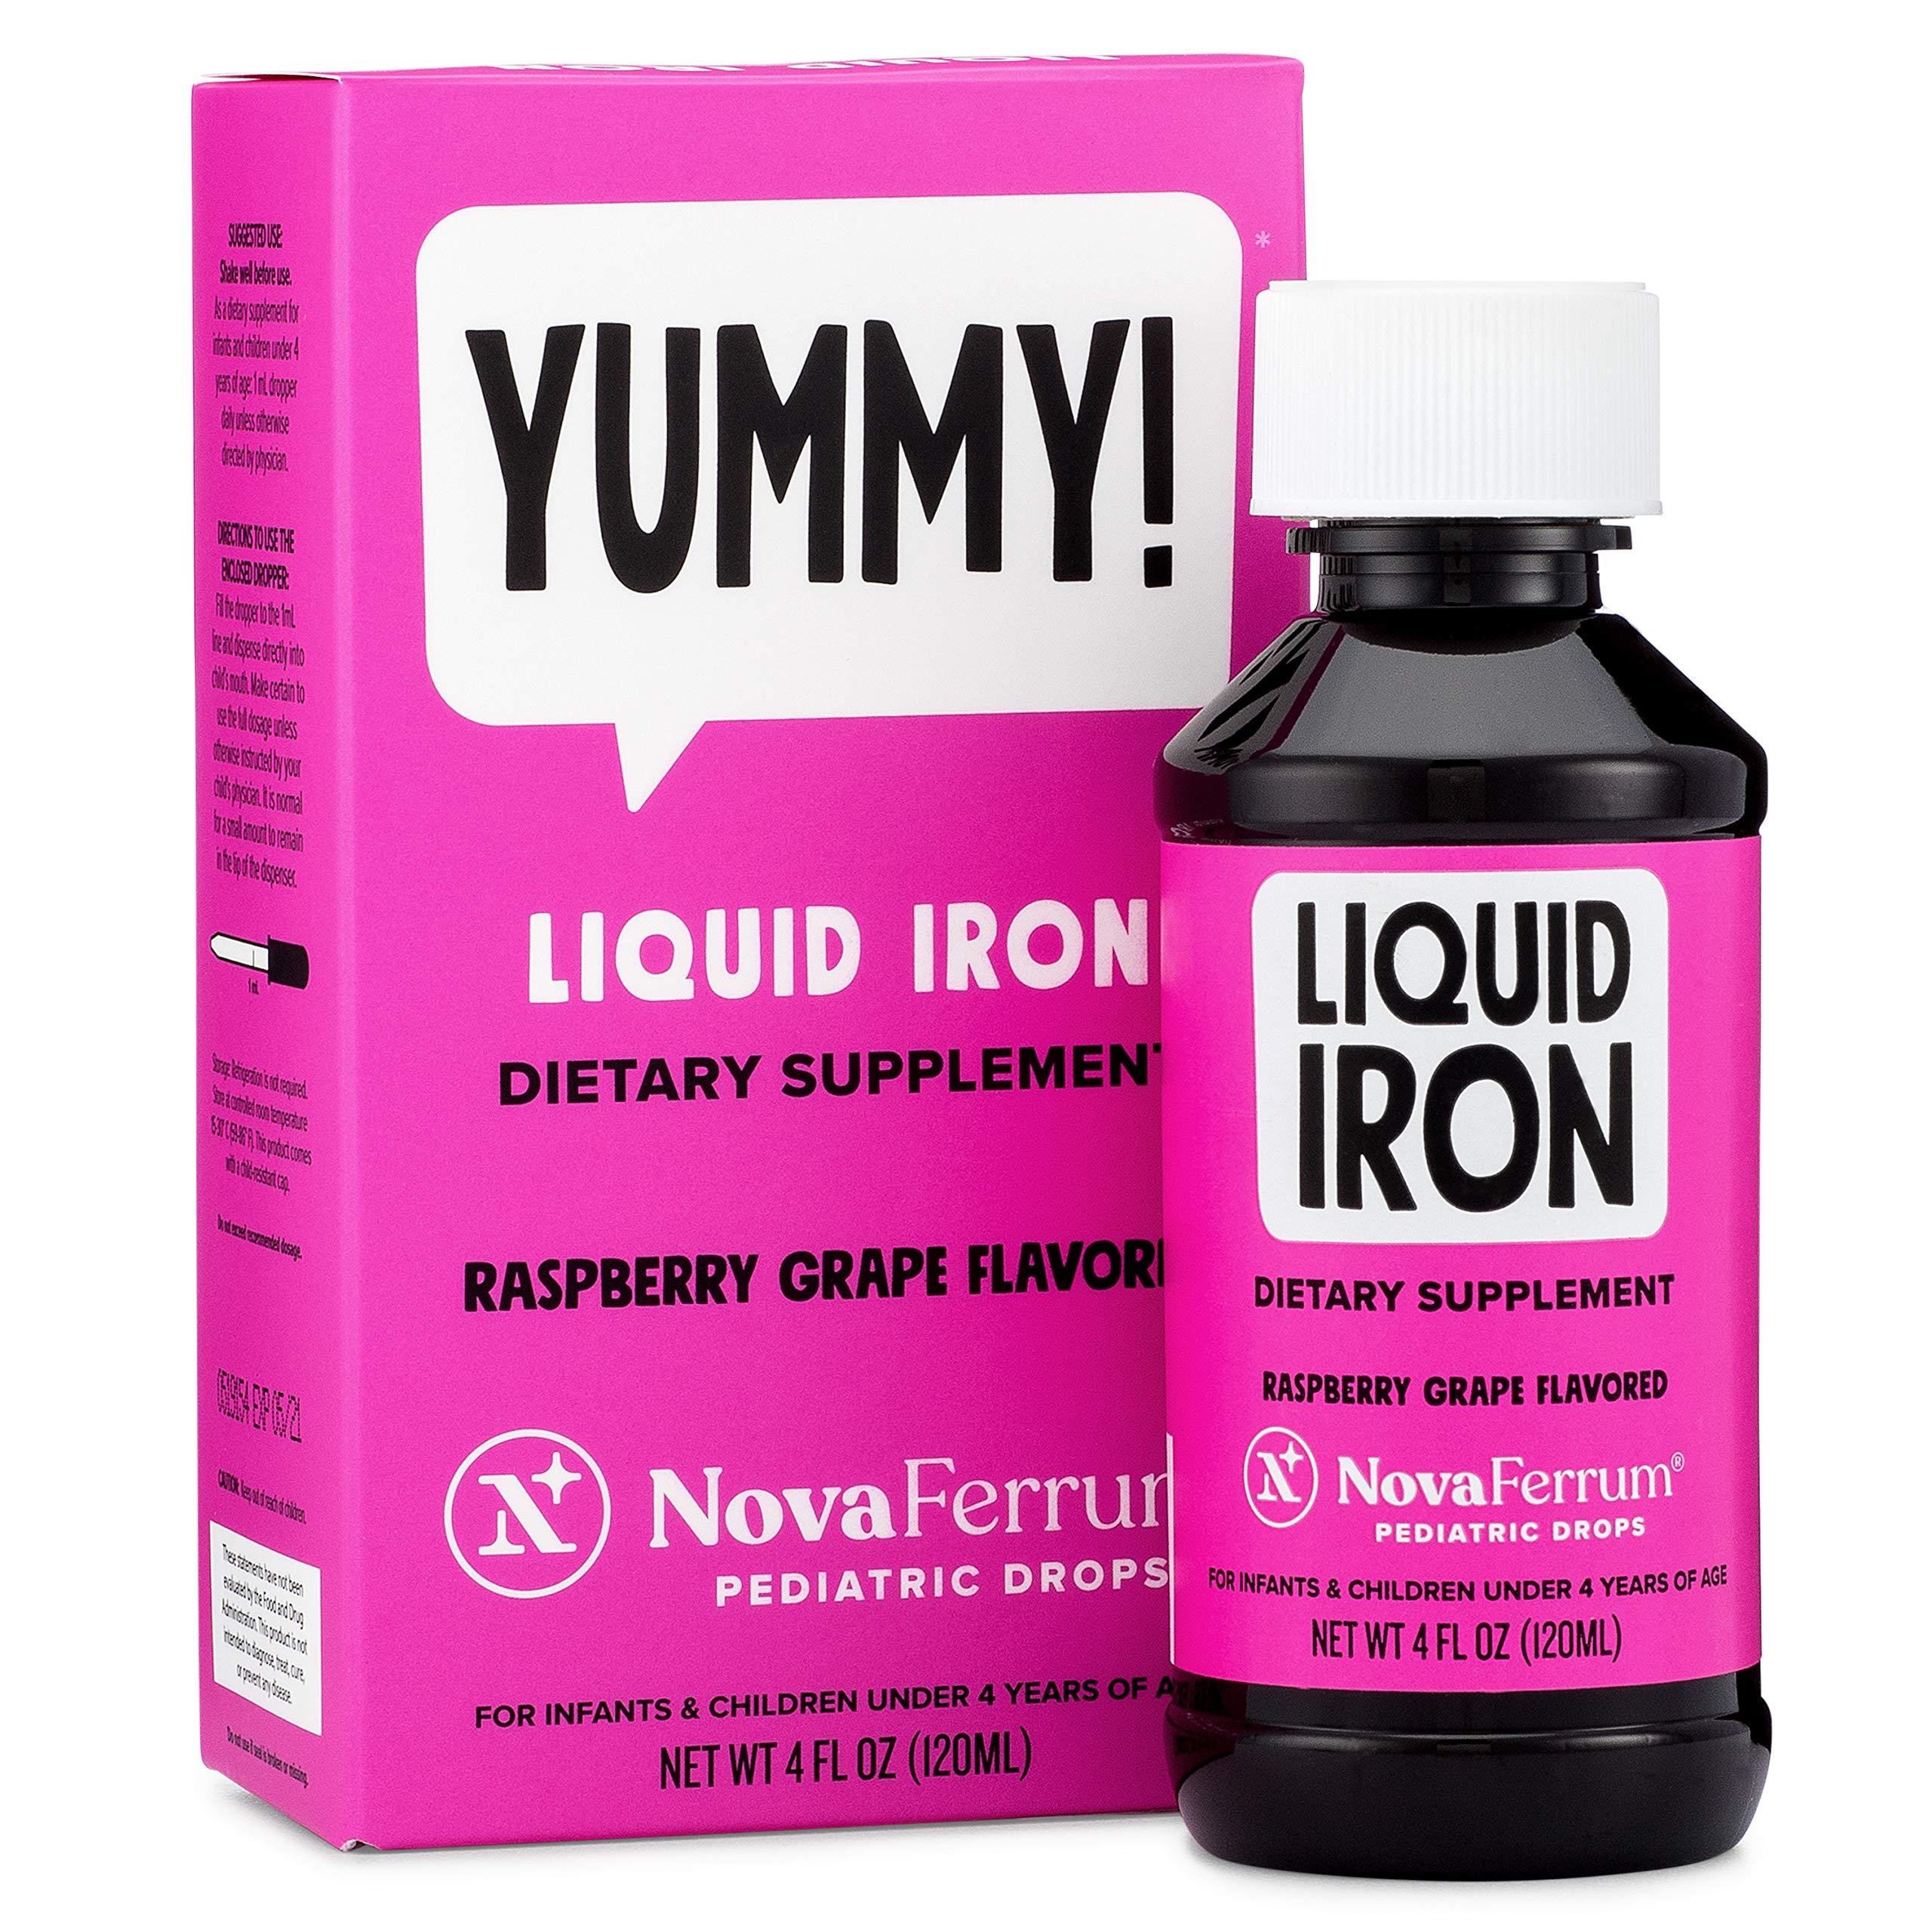 NovaFerrum Pediatric Drops Liquid Iron Supplement